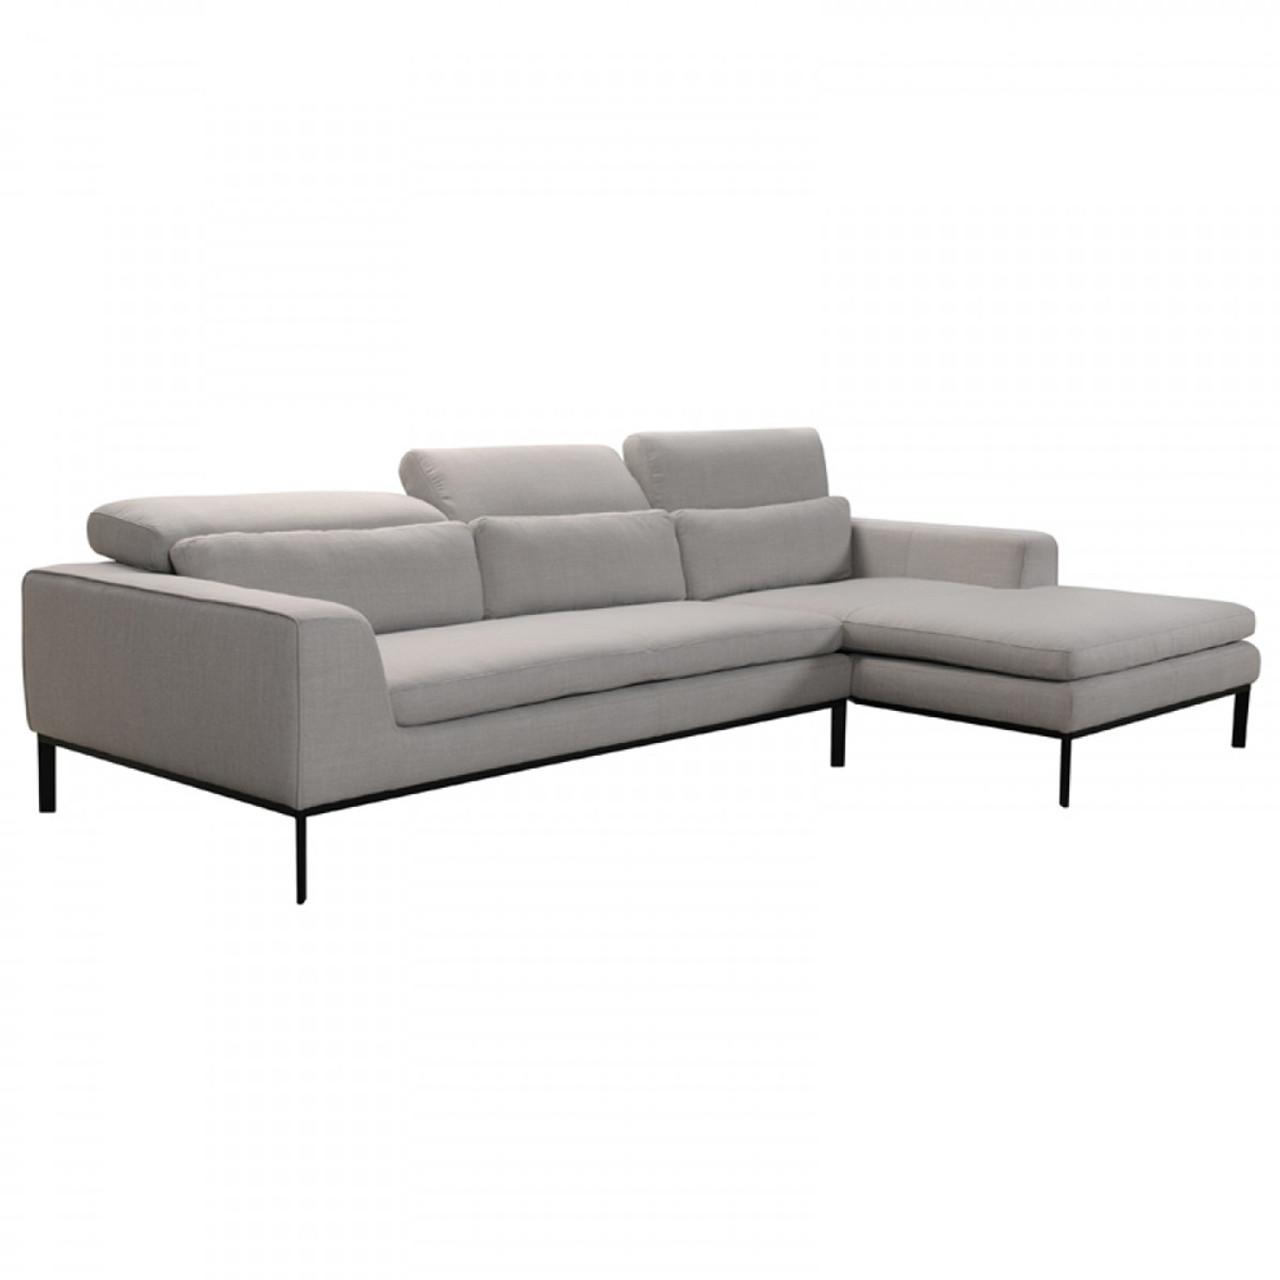 Divani Casa Clayton Modern Fabric Sectional Sofa